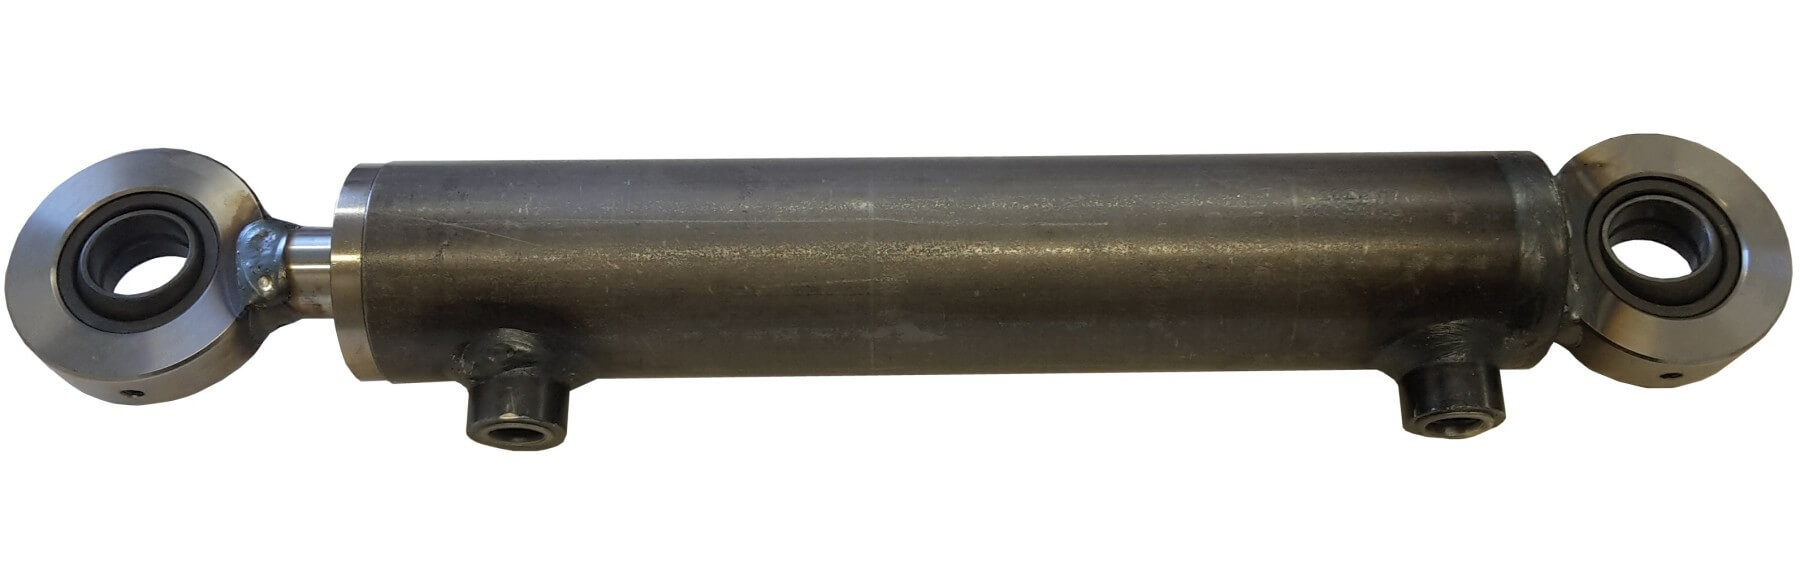 Hydraulisylinteri CL 80. 50. 200 GE - Kailatec Oy Verkkokauppa